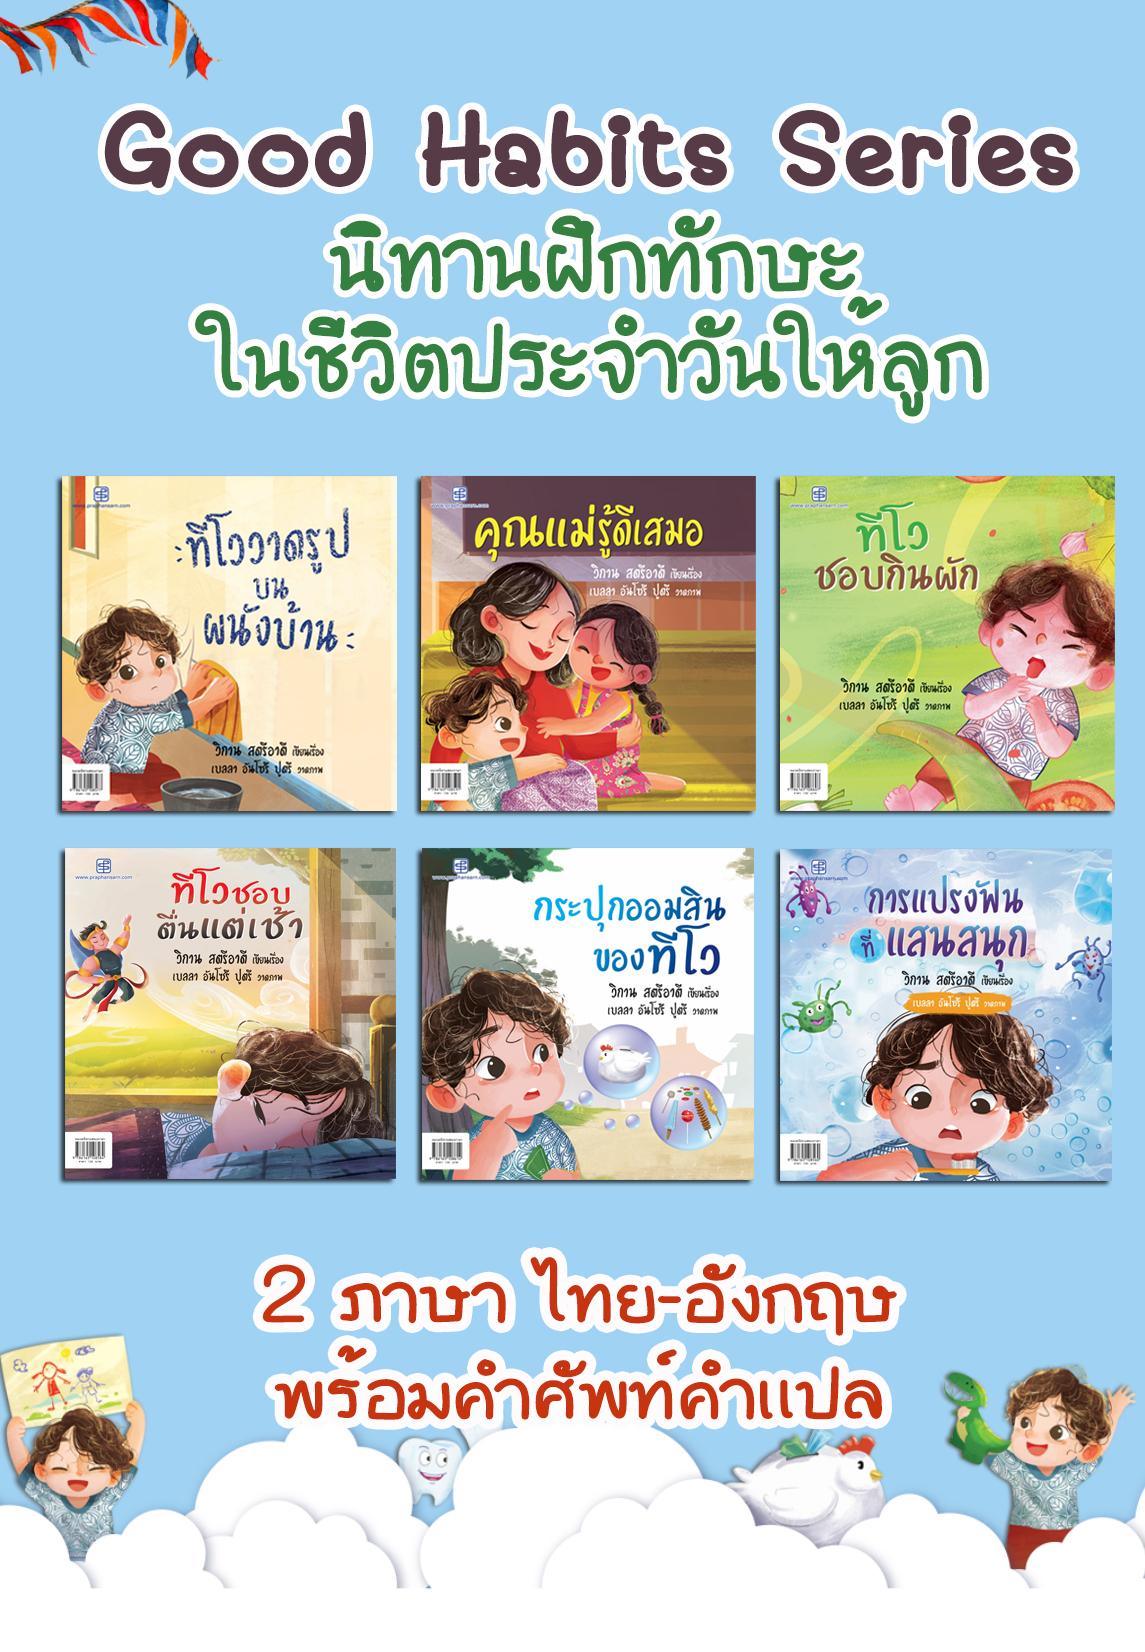 Good Habits Serie นิทานฝึกการใช้ชีวิตสำหรับเด็ก